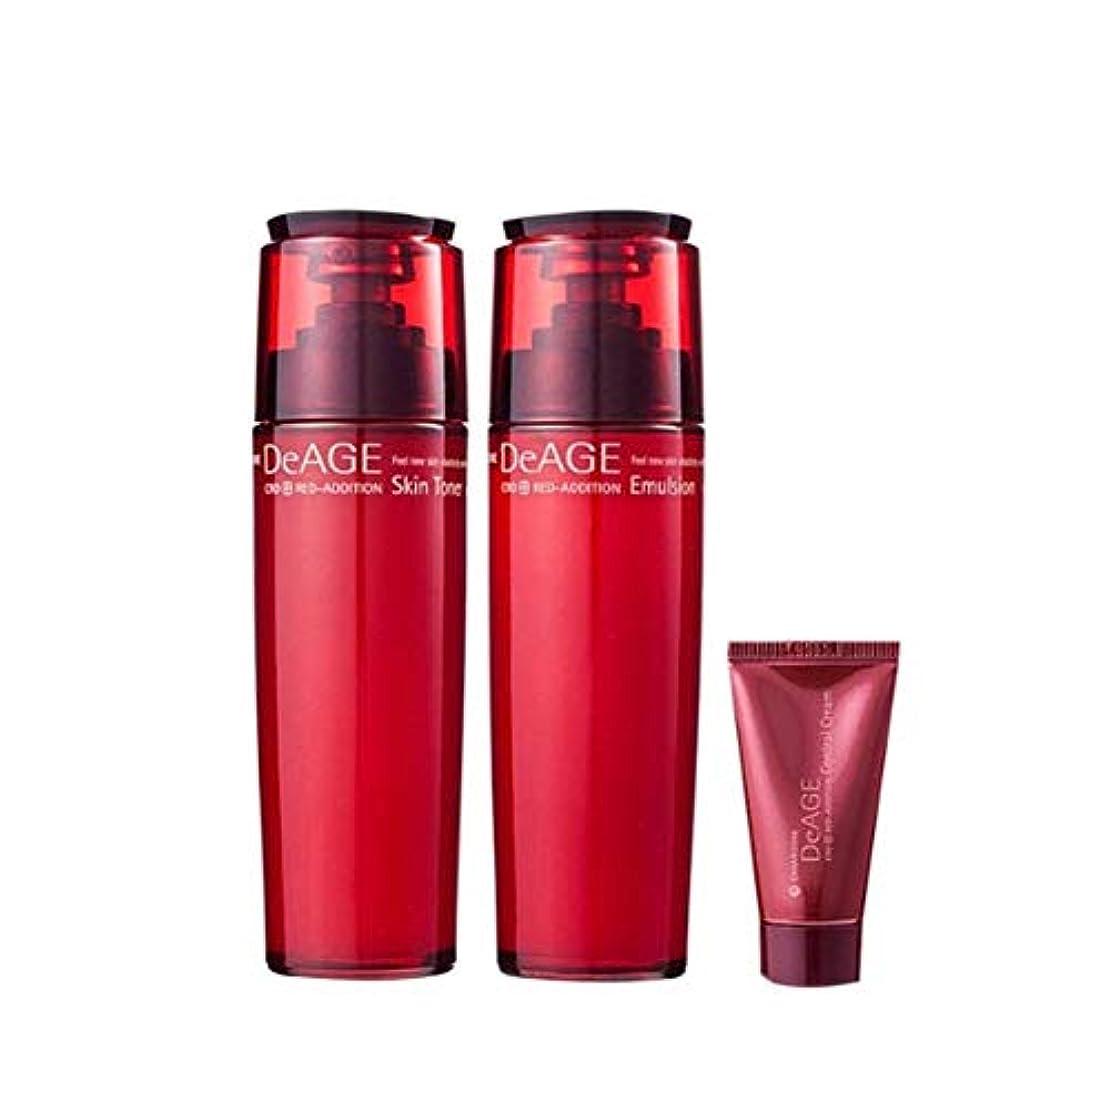 通知プレミアムダニチャムジョンディエイジレッドエディションセット(スキントナー130ml、エマルジョン130ml、コントロールクリーム15ml)、Charmzone DeAGE Red Addition Set(Skin Toner 130ml...